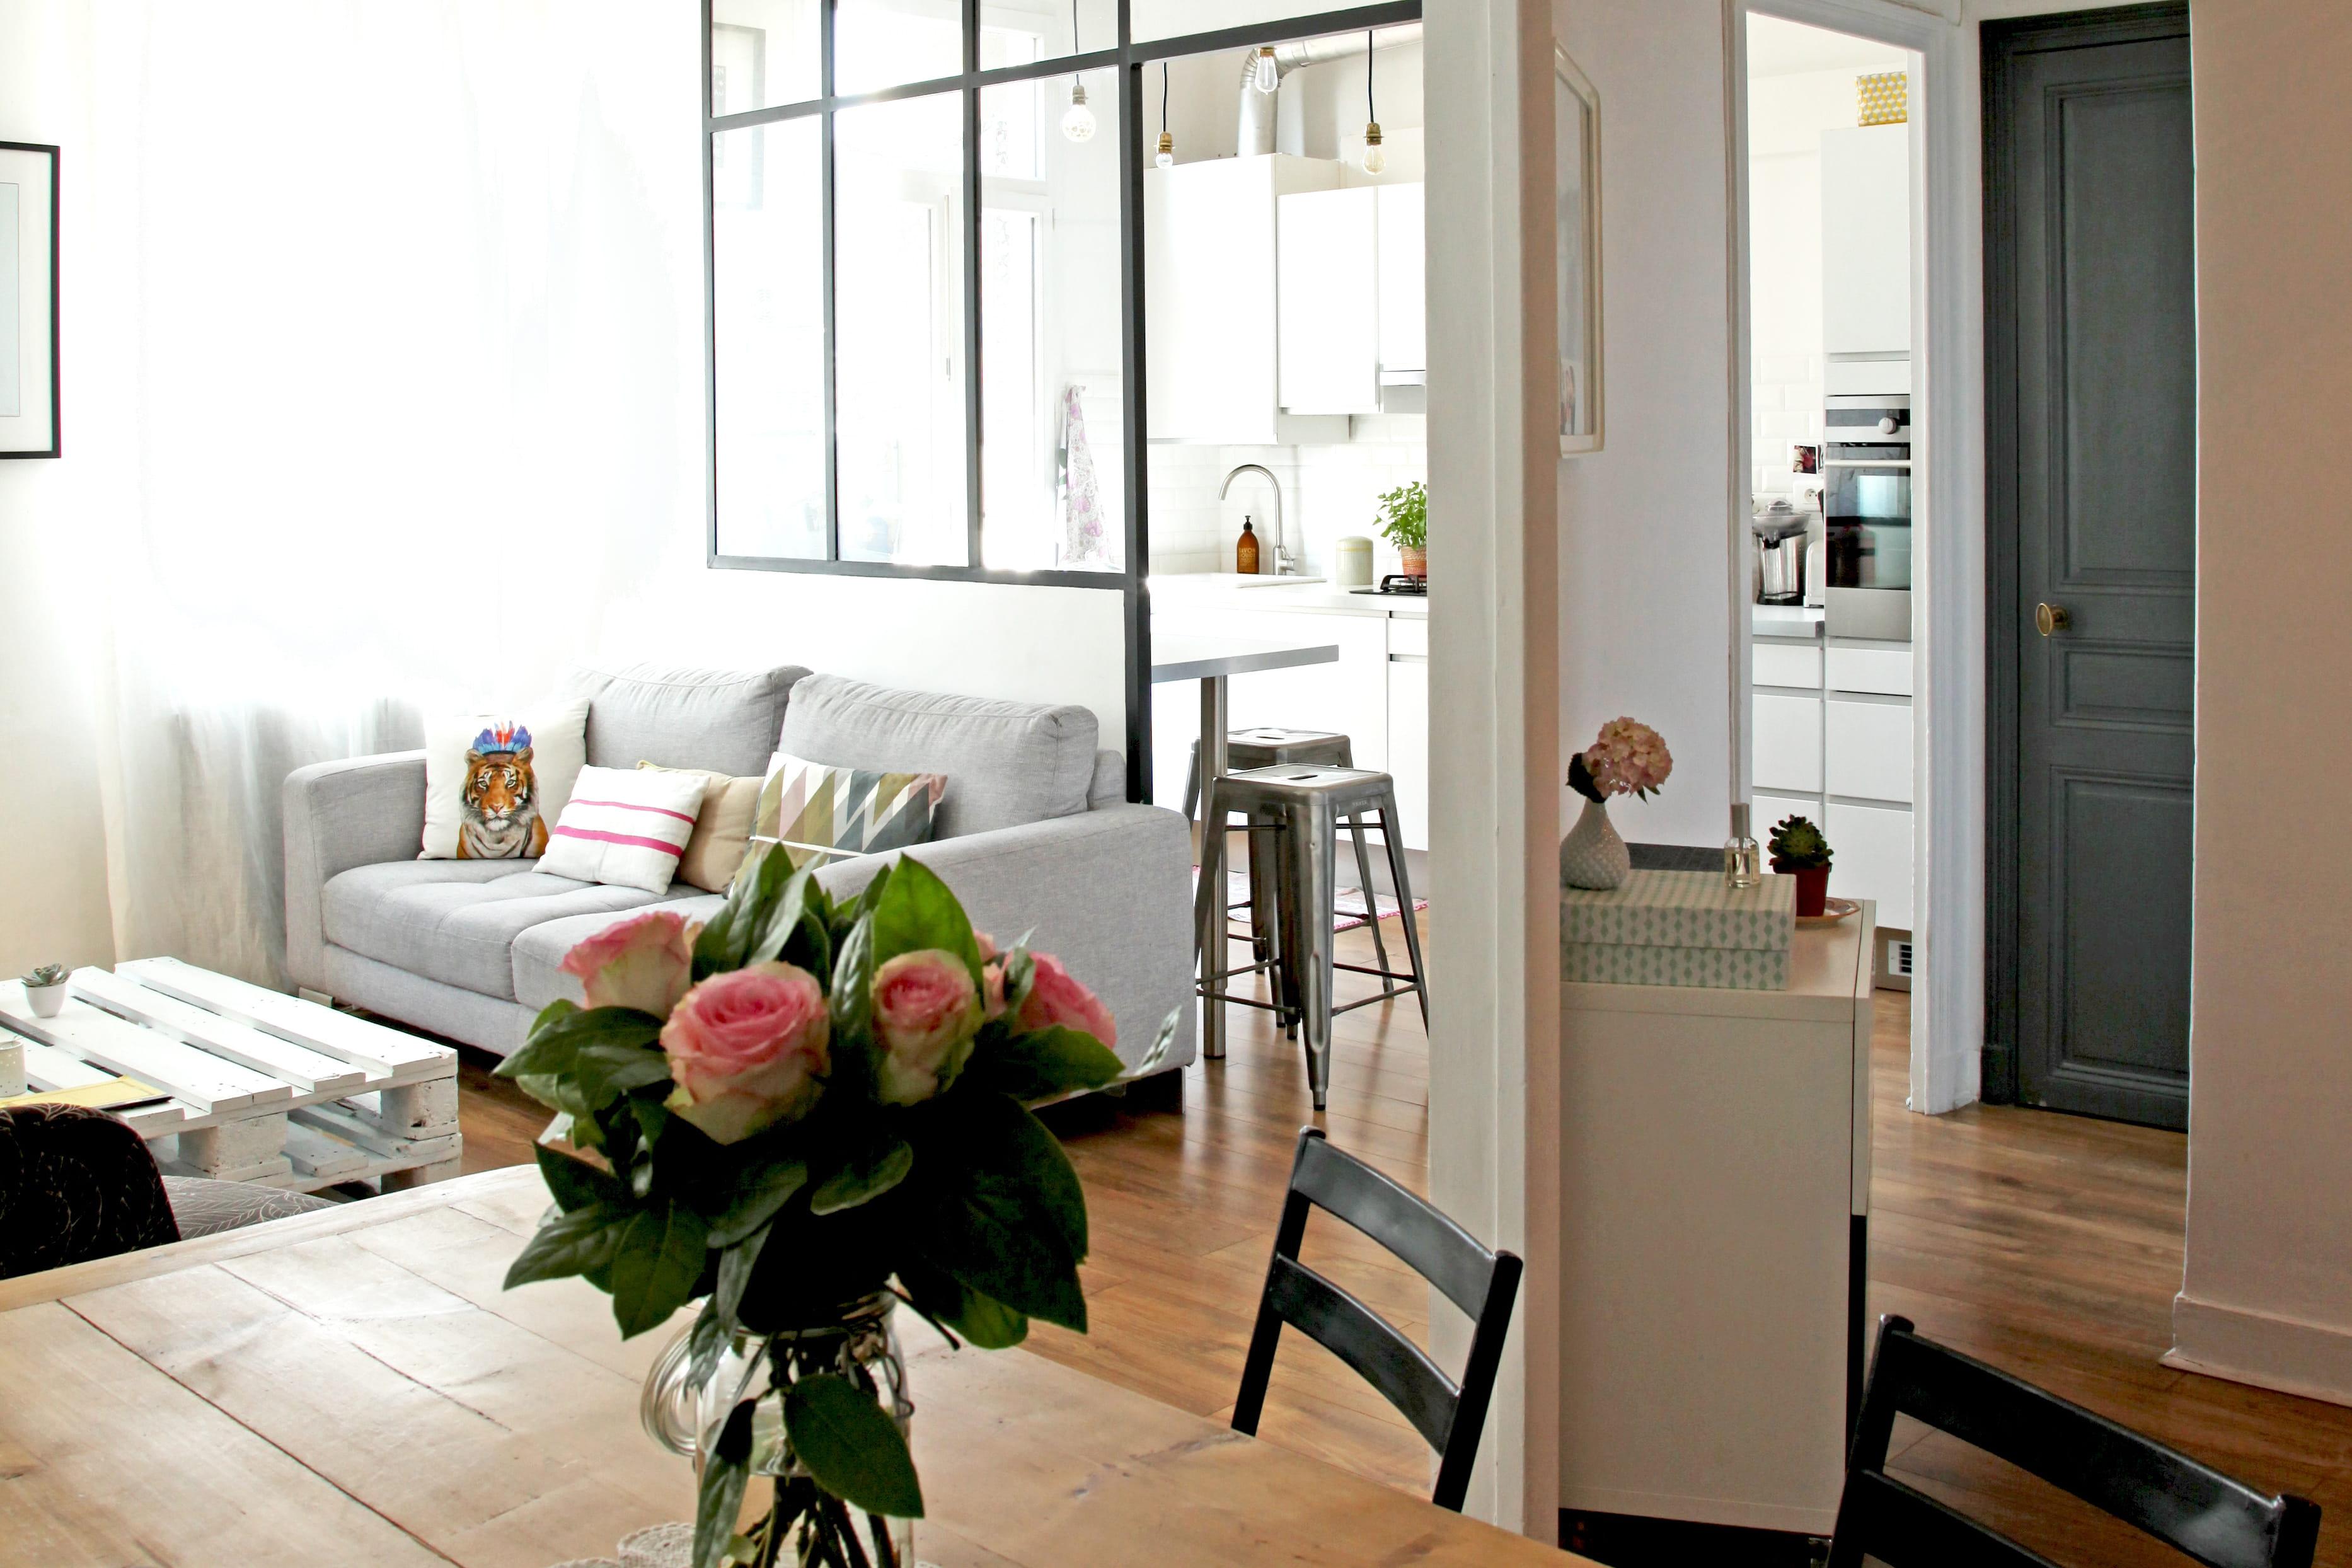 Petit espace 15 astuces pour le faire para tre plus grand journal des femmes for Petit espace cuisine